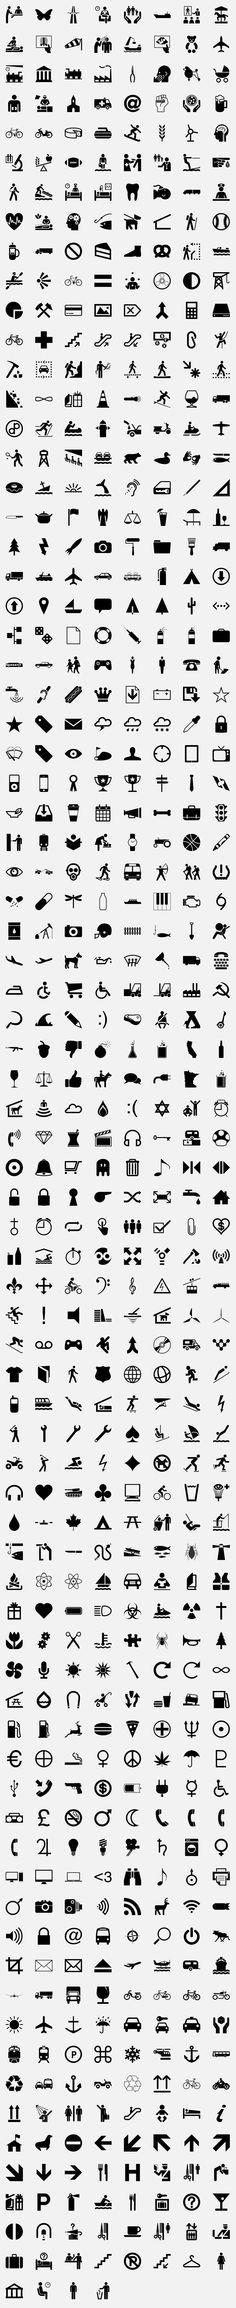 29 besten icons Bilder auf Pinterest | Grafik design, Icon design ...